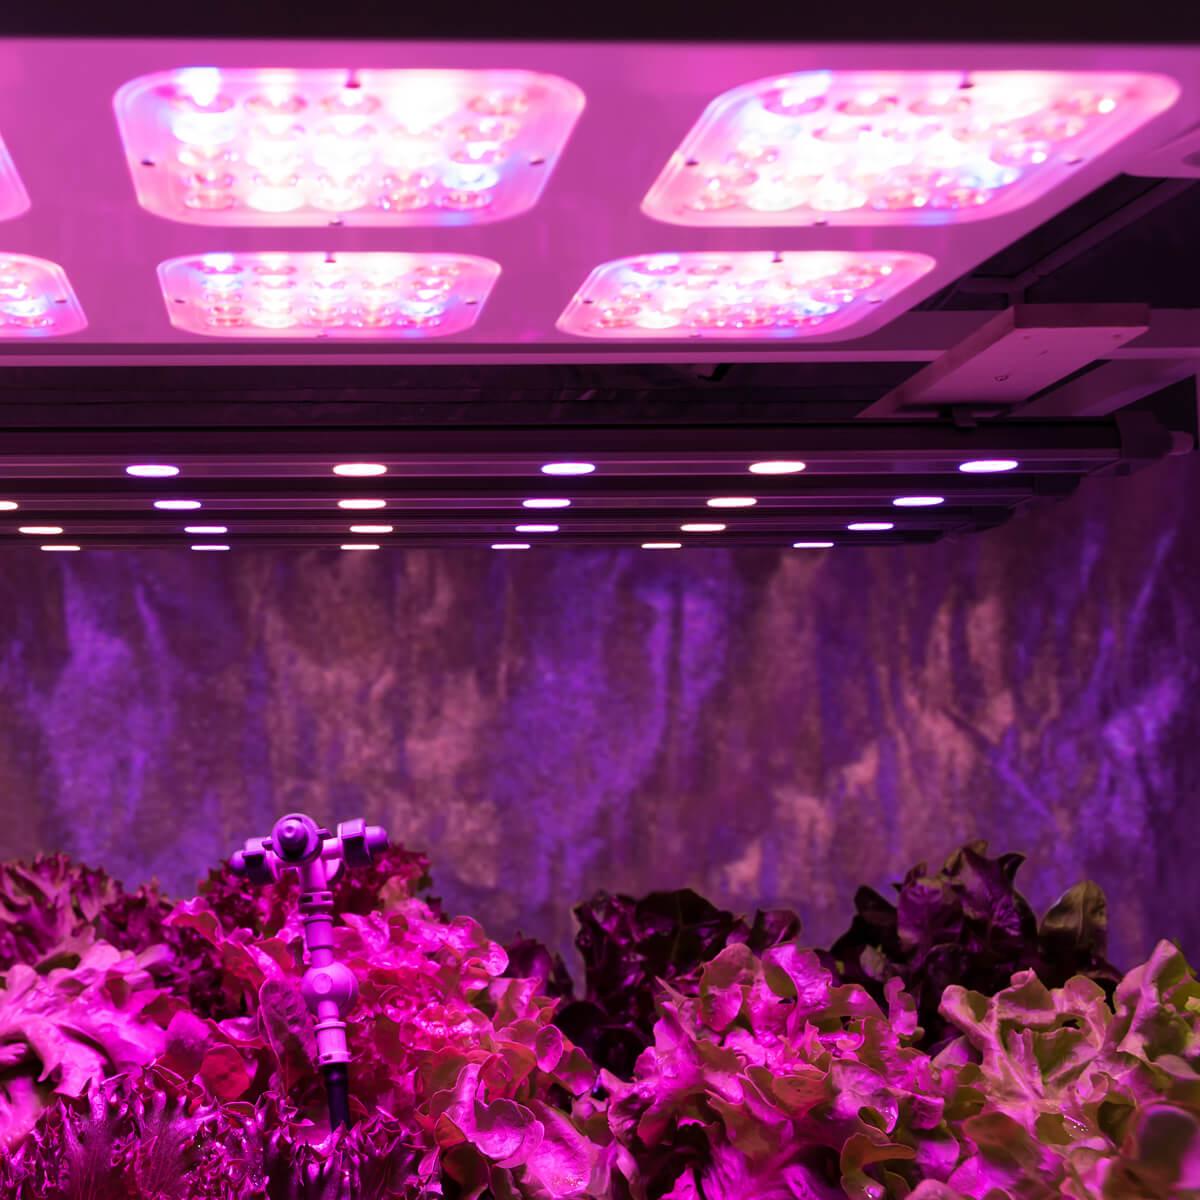 <ul> <li>تنفيذ جميع أنواع التجارب على النبتة السليمة والنبتة المريضة</li> <li>الفترة الضوئية تحت التحكم</li> </ul>